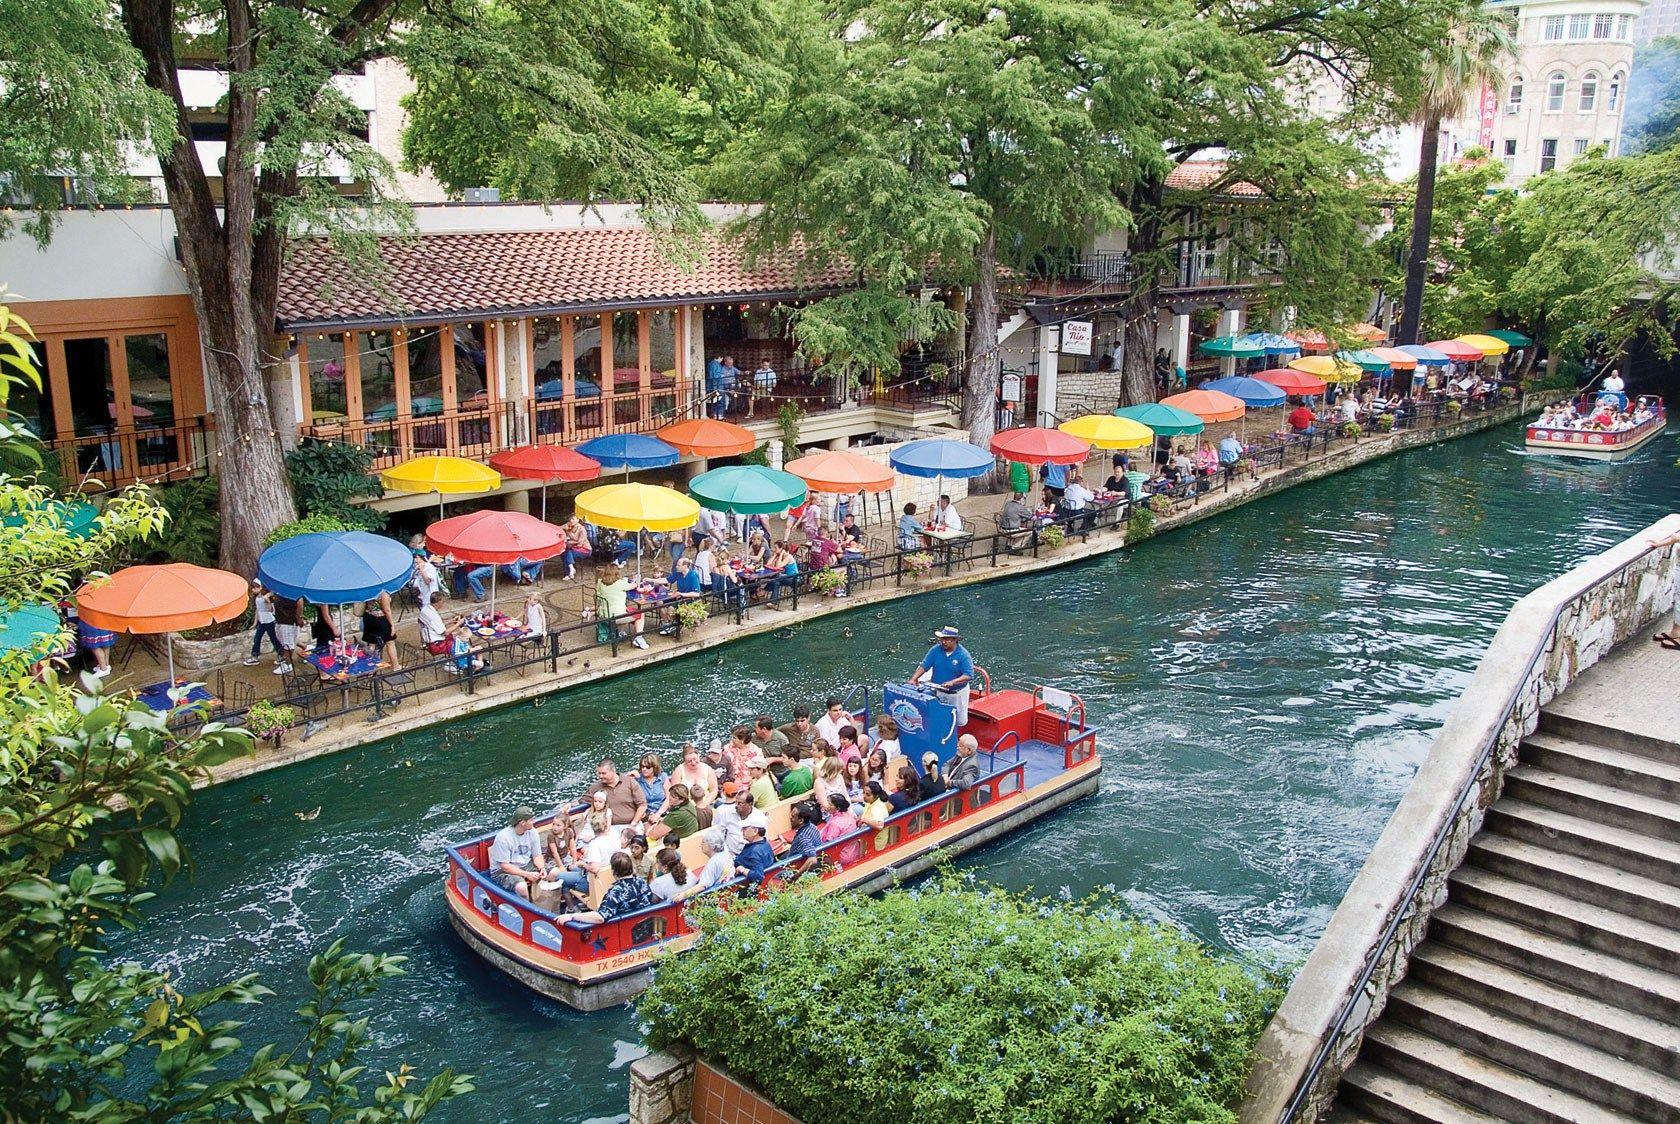 visit san antonio, texas | explore san antonio things to do